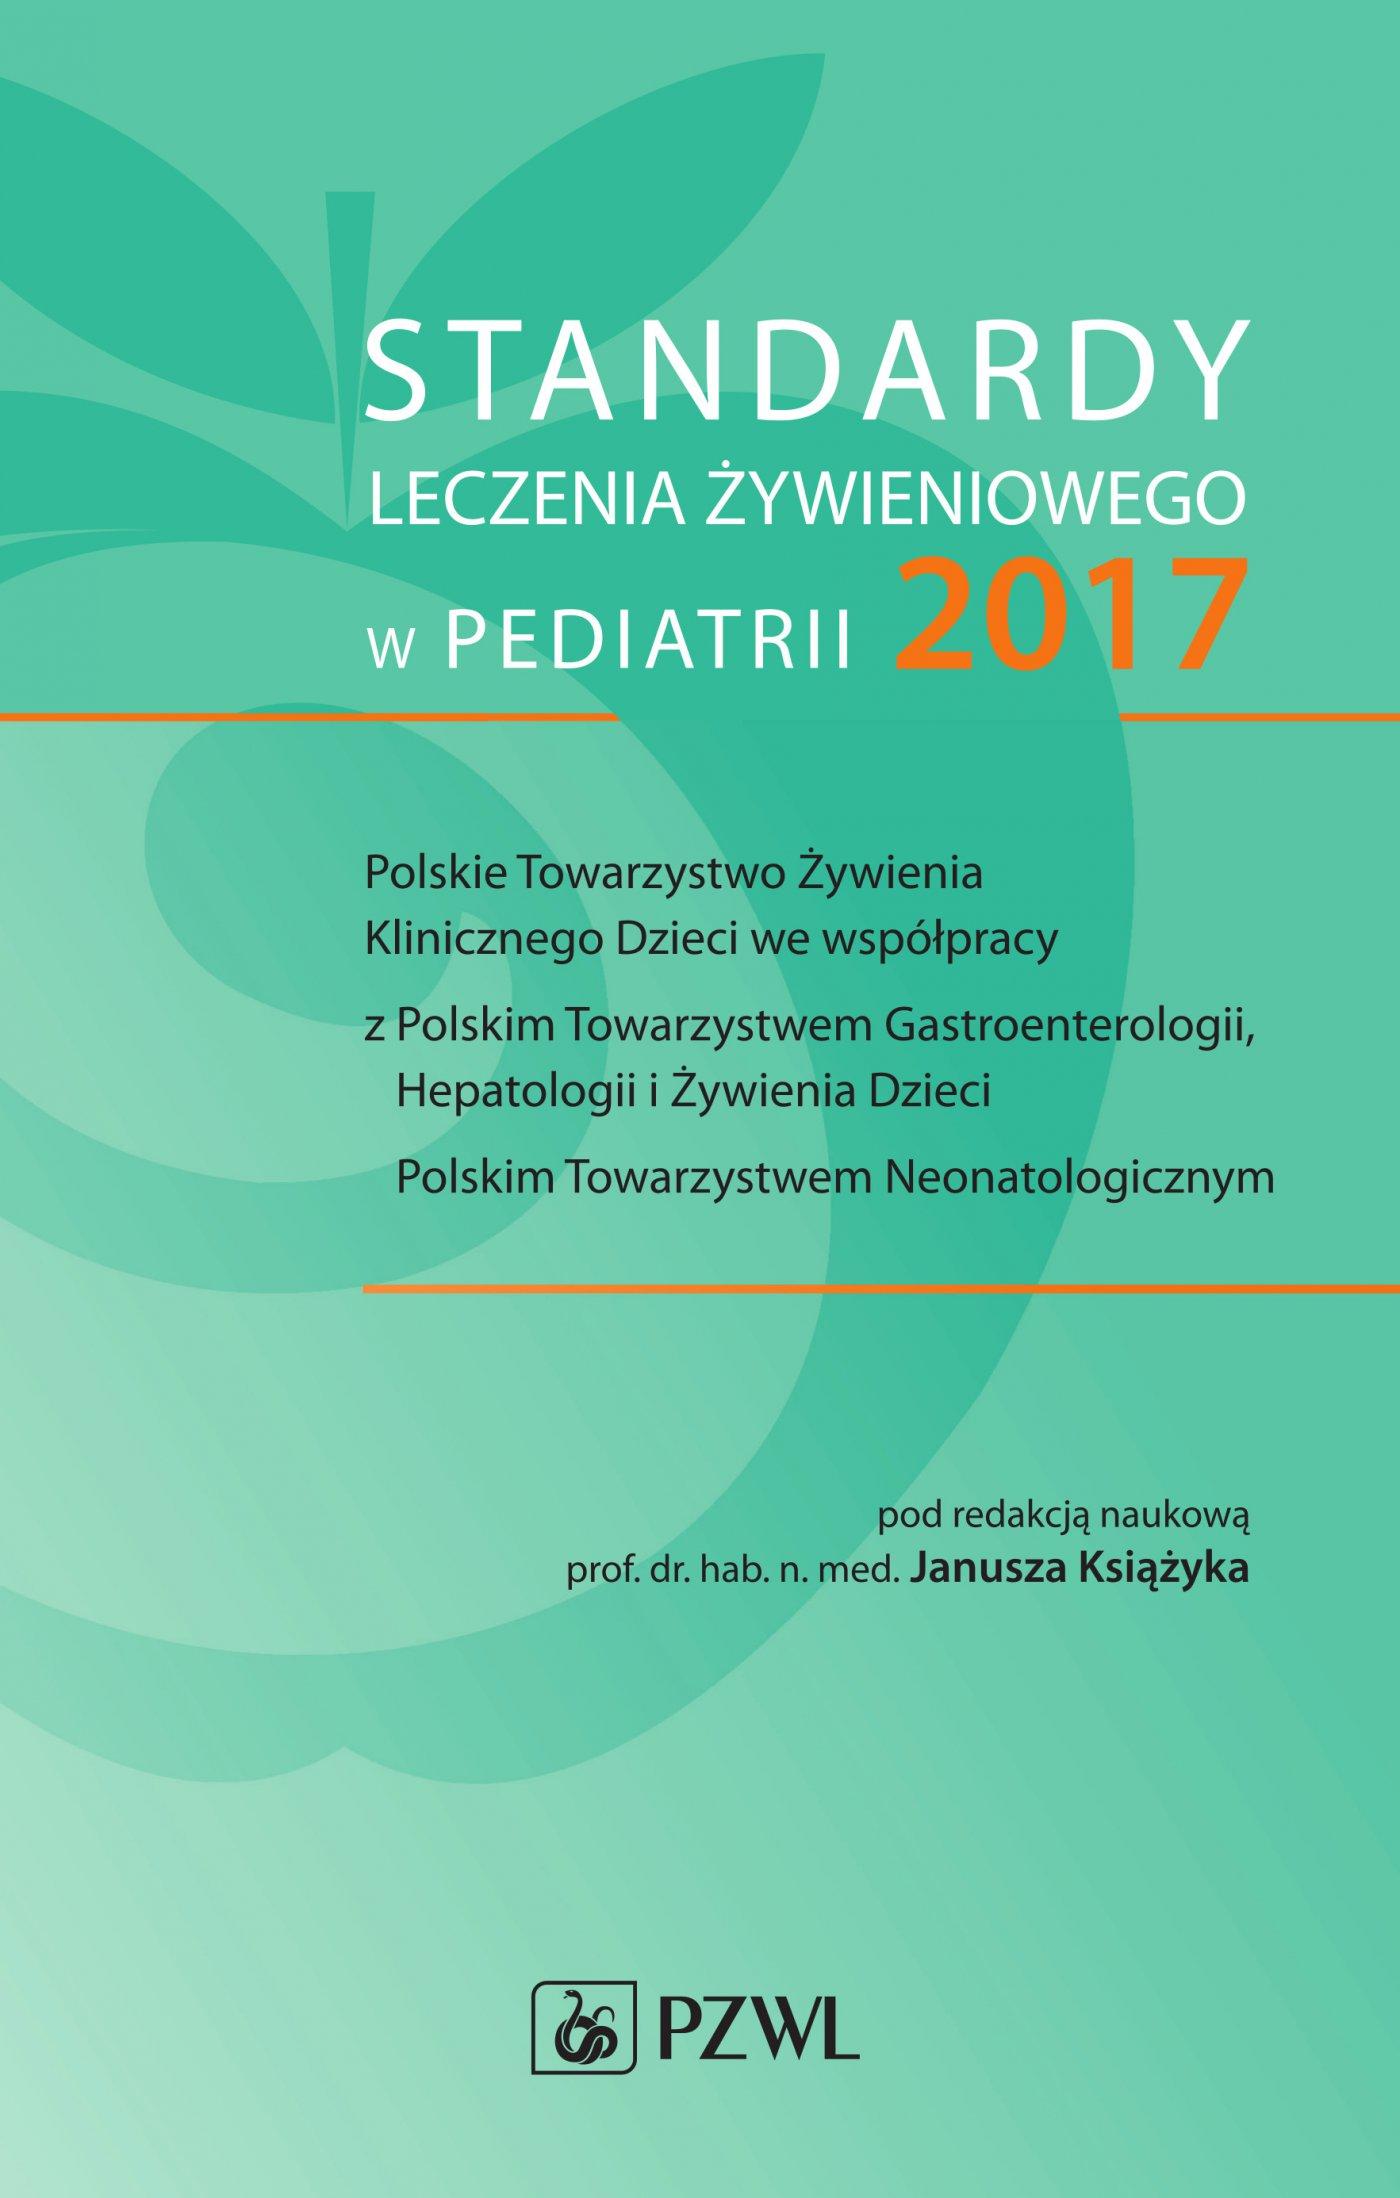 Standardy leczenia żywieniowego w pediatrii 2017 - Ebook (Książka EPUB) do pobrania w formacie EPUB